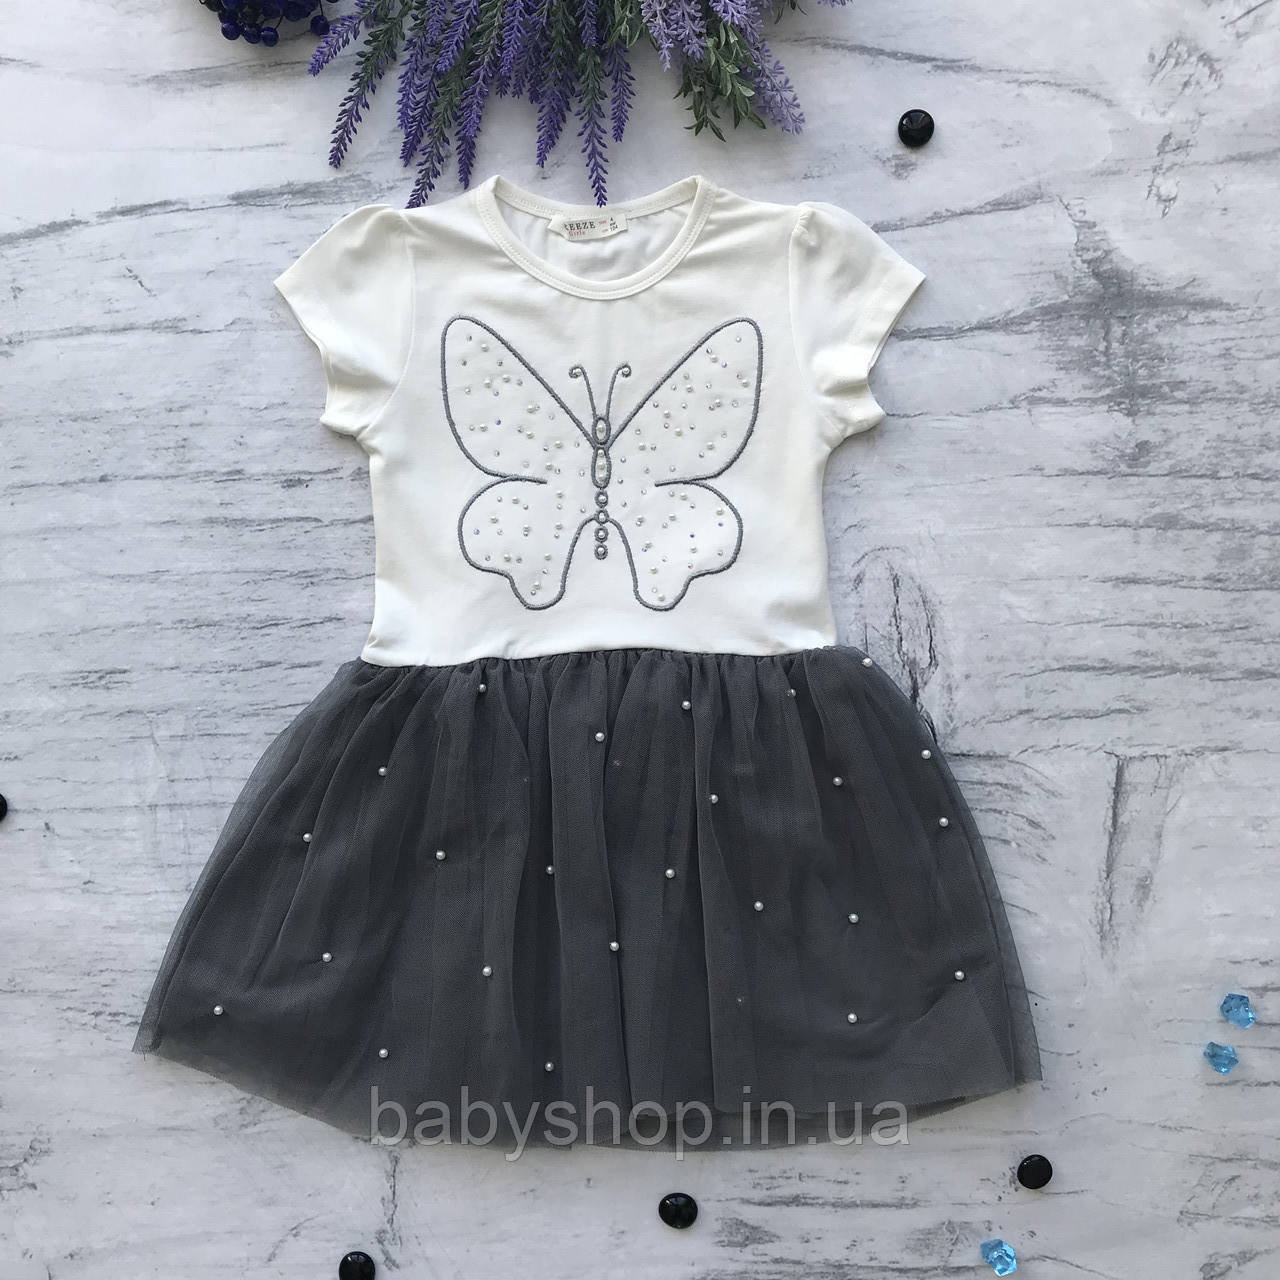 Летнее платье на девочку Breeze 115. Размеры 128 см